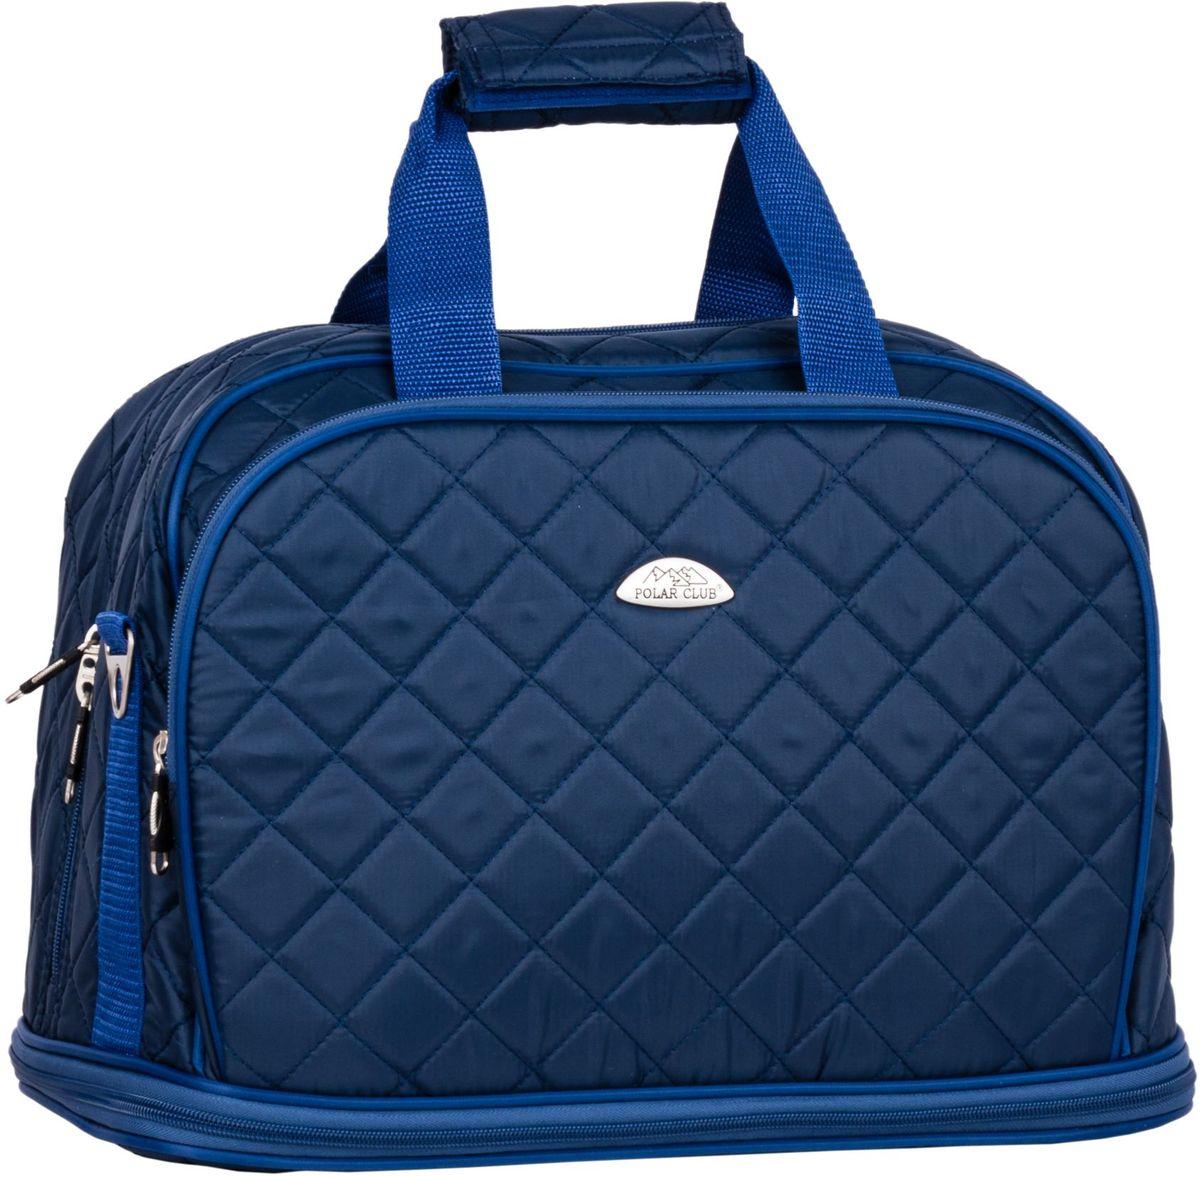 Сумка дорожная Polar Стежка, цвет: синий, 29 л, 30+(13) х 40 х 24 см. П7079П7079Дорожная сумка Polar. Имеется съемный плечевой ремень, что бы носить сумку через плечо. Одно большое отделение для ваших вещей. Увеличивается в длину на 13 см. Два кармана спереди сумки на молнии. Высота ручек 17 см.